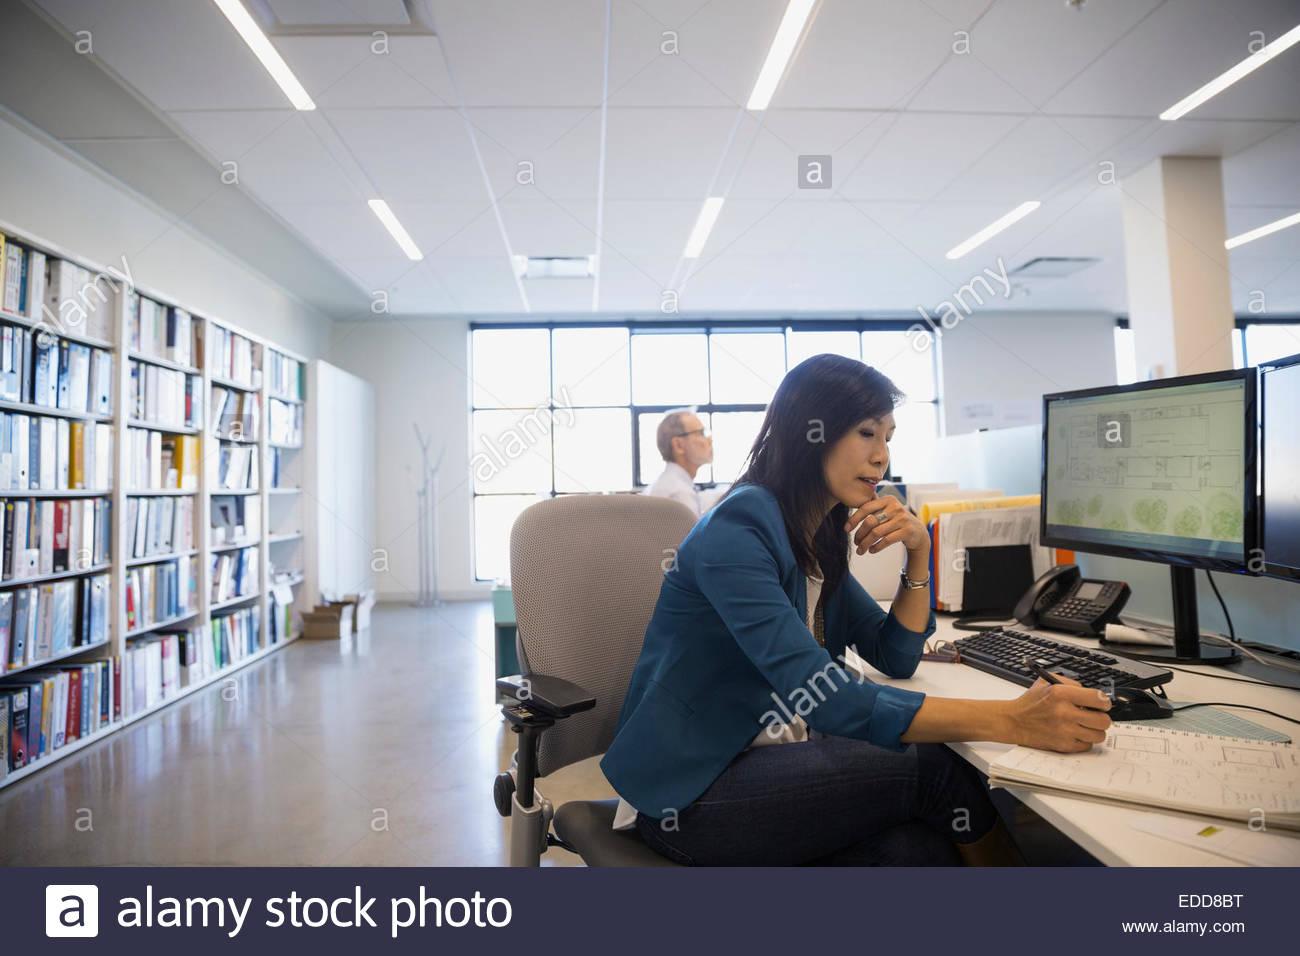 Architekten entwerfen Pläne am Schreibtisch im Büro Stockbild